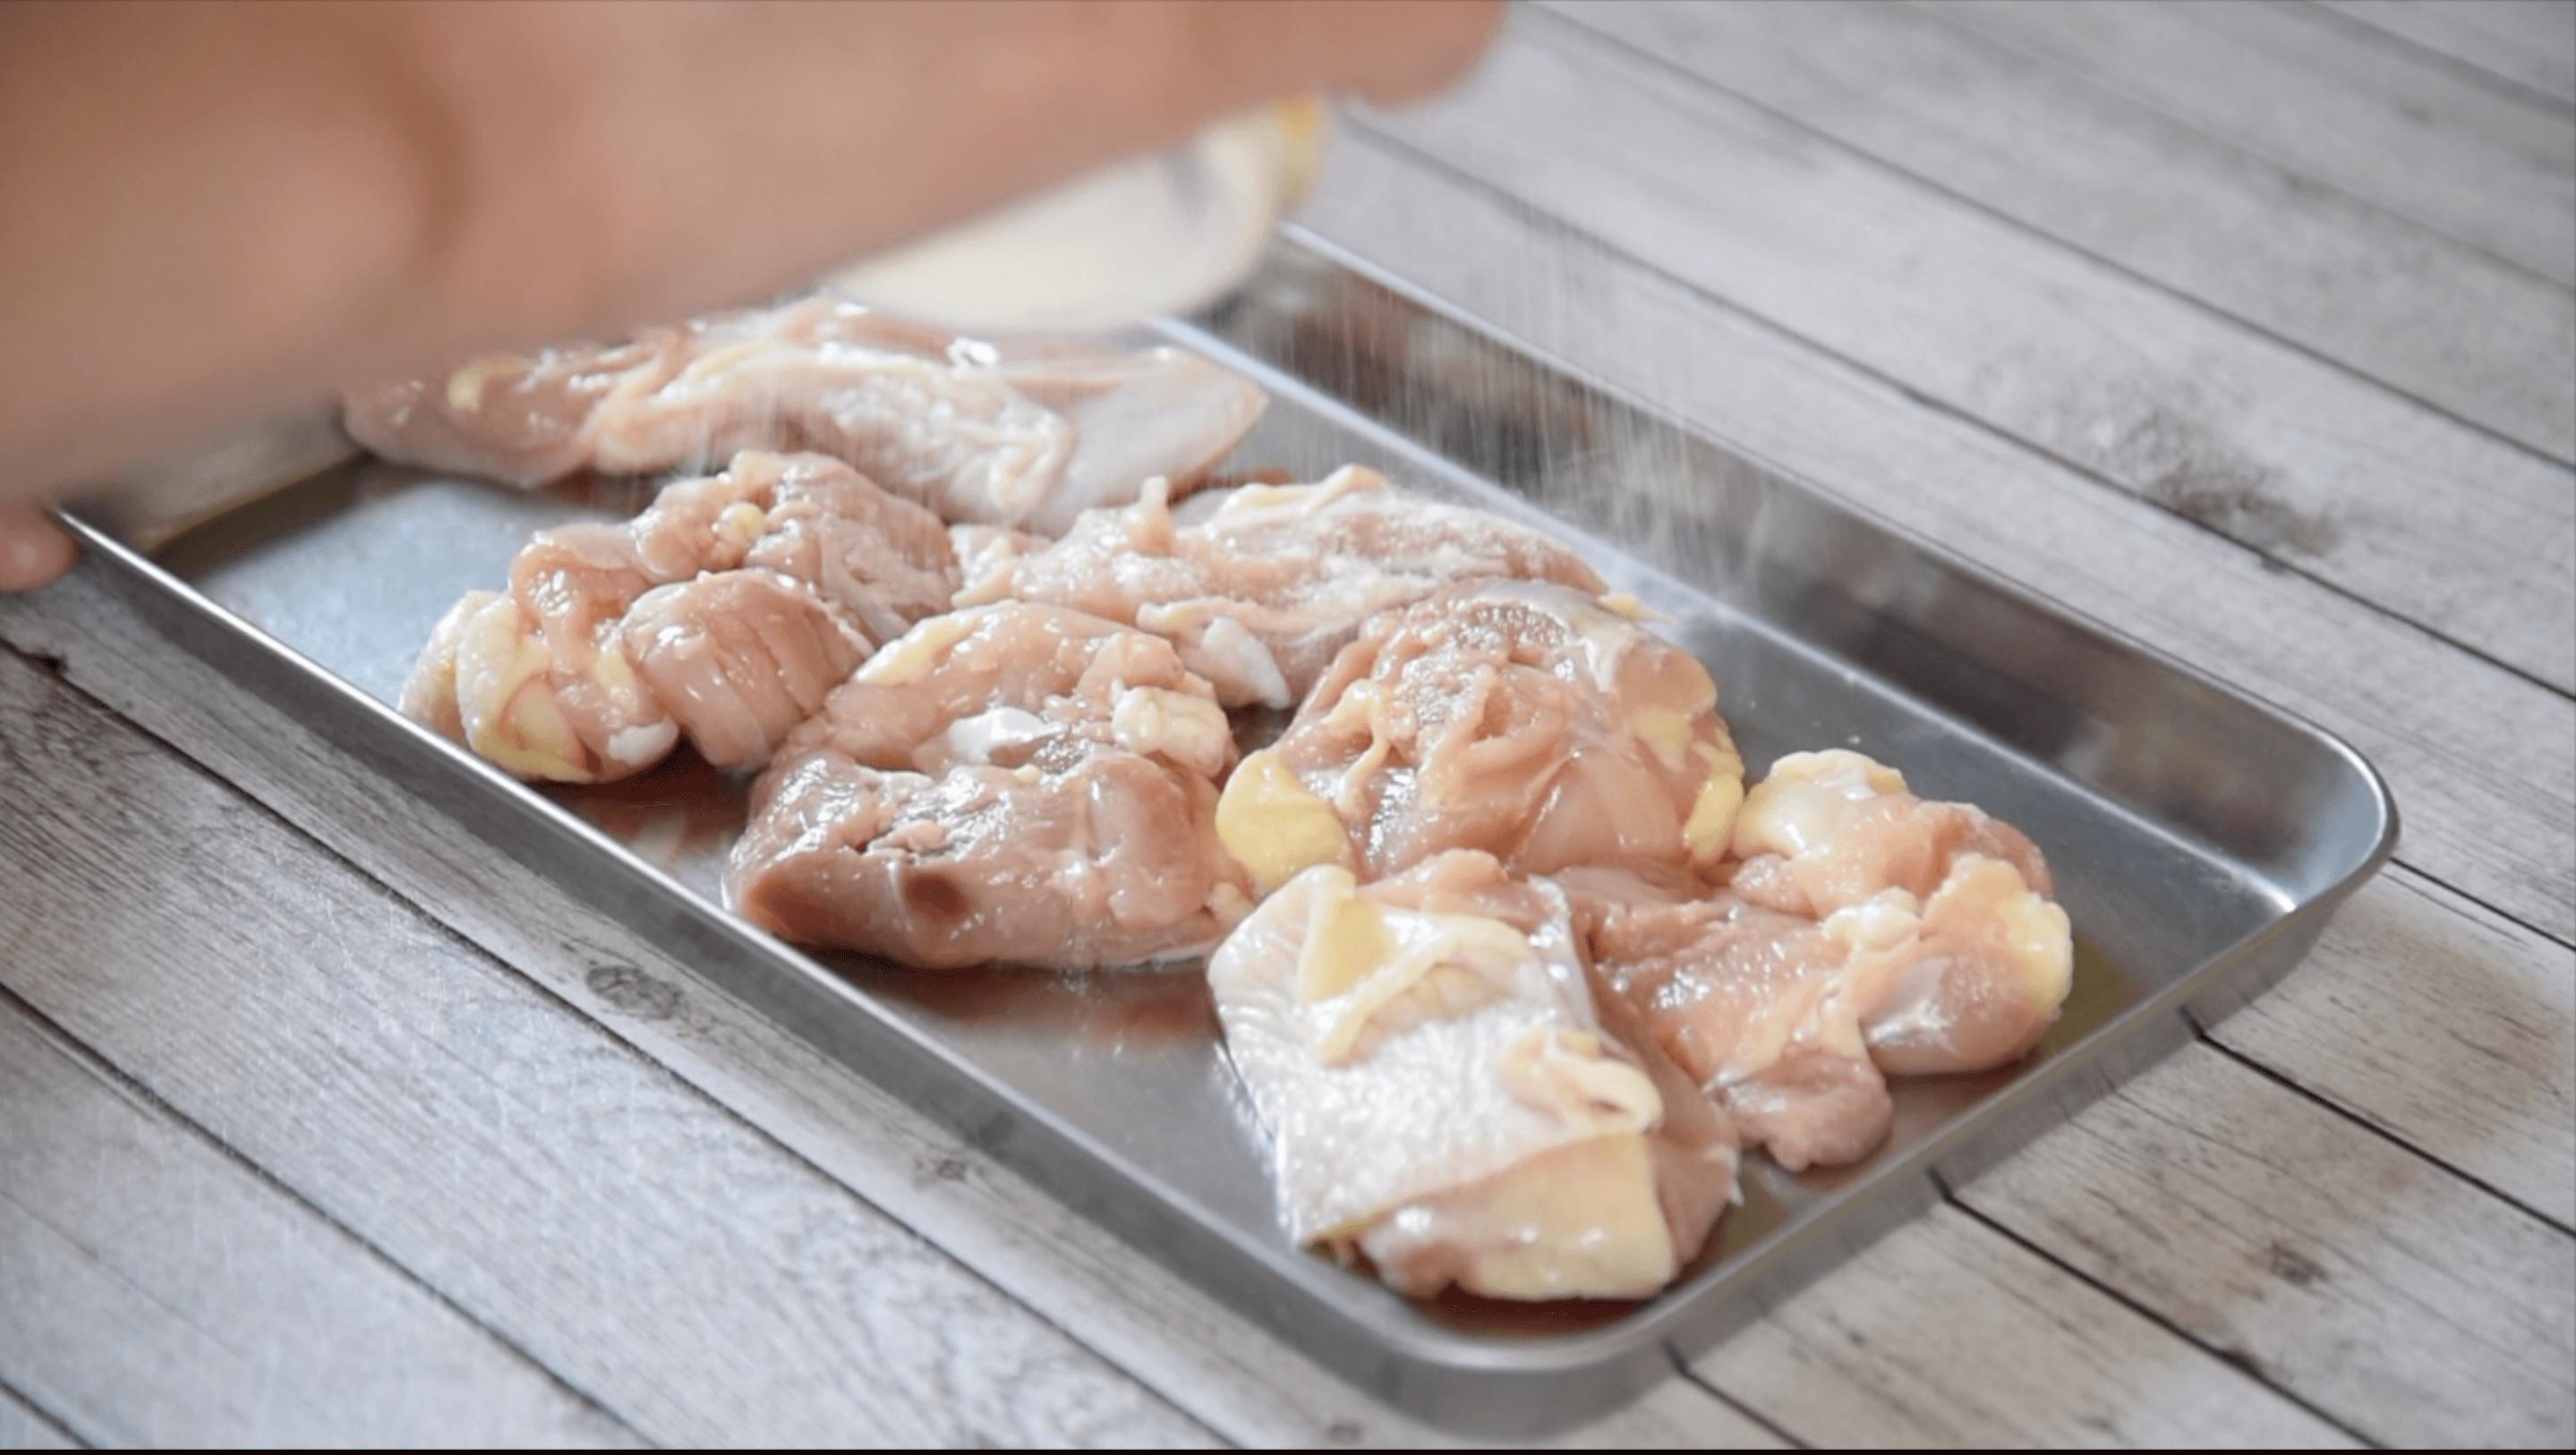 鶏もも肉に薄く薄力粉をまぶす